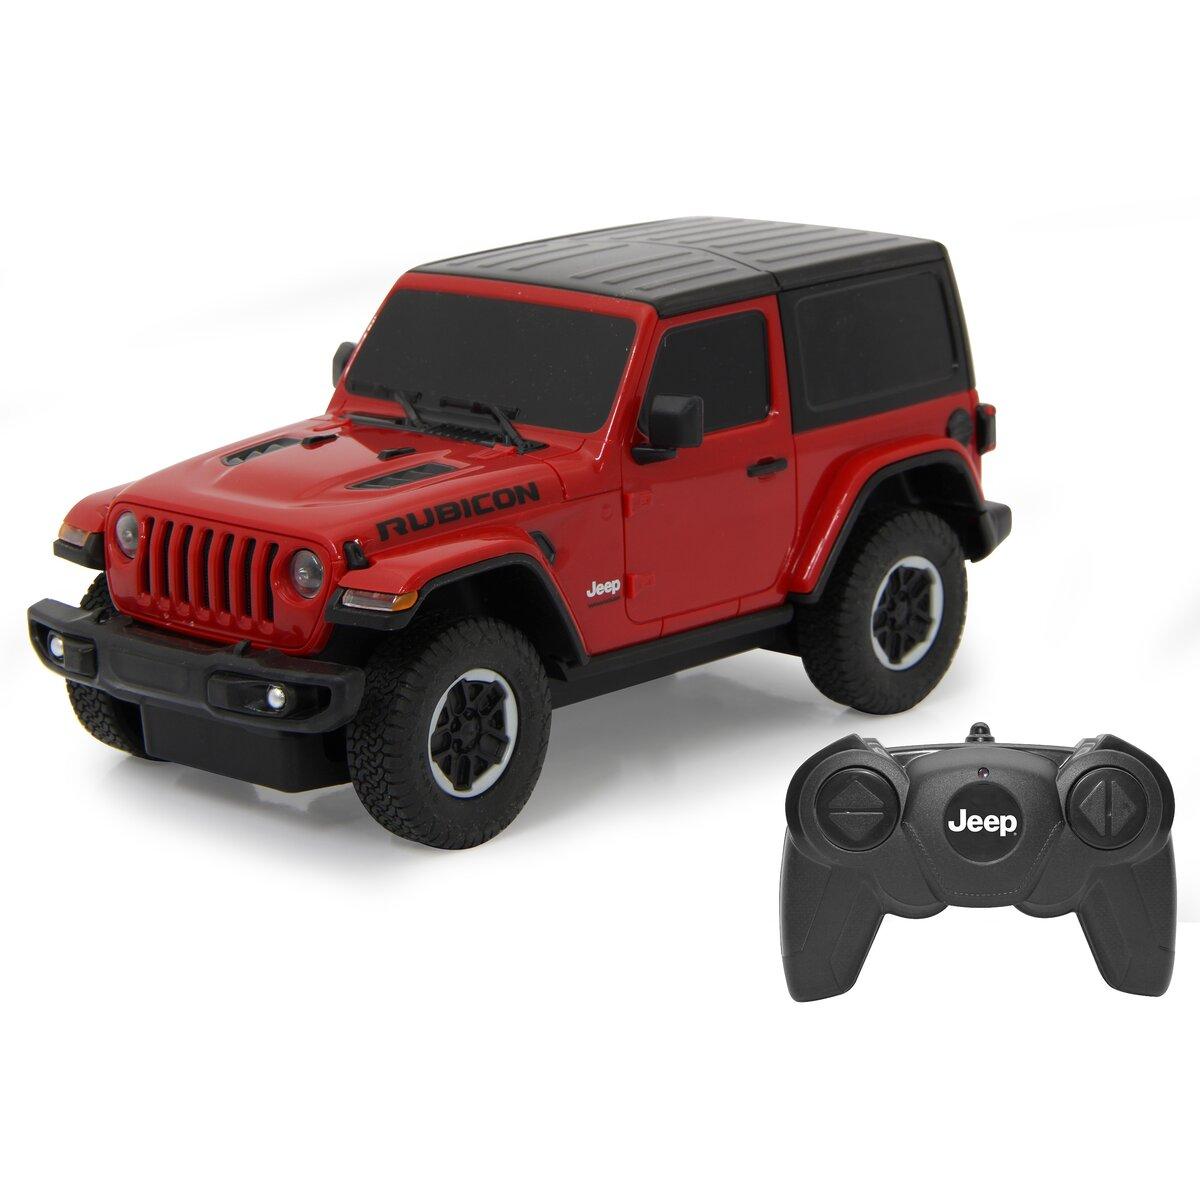 Jeep Wrangler JL 1:24 rot 40MHz